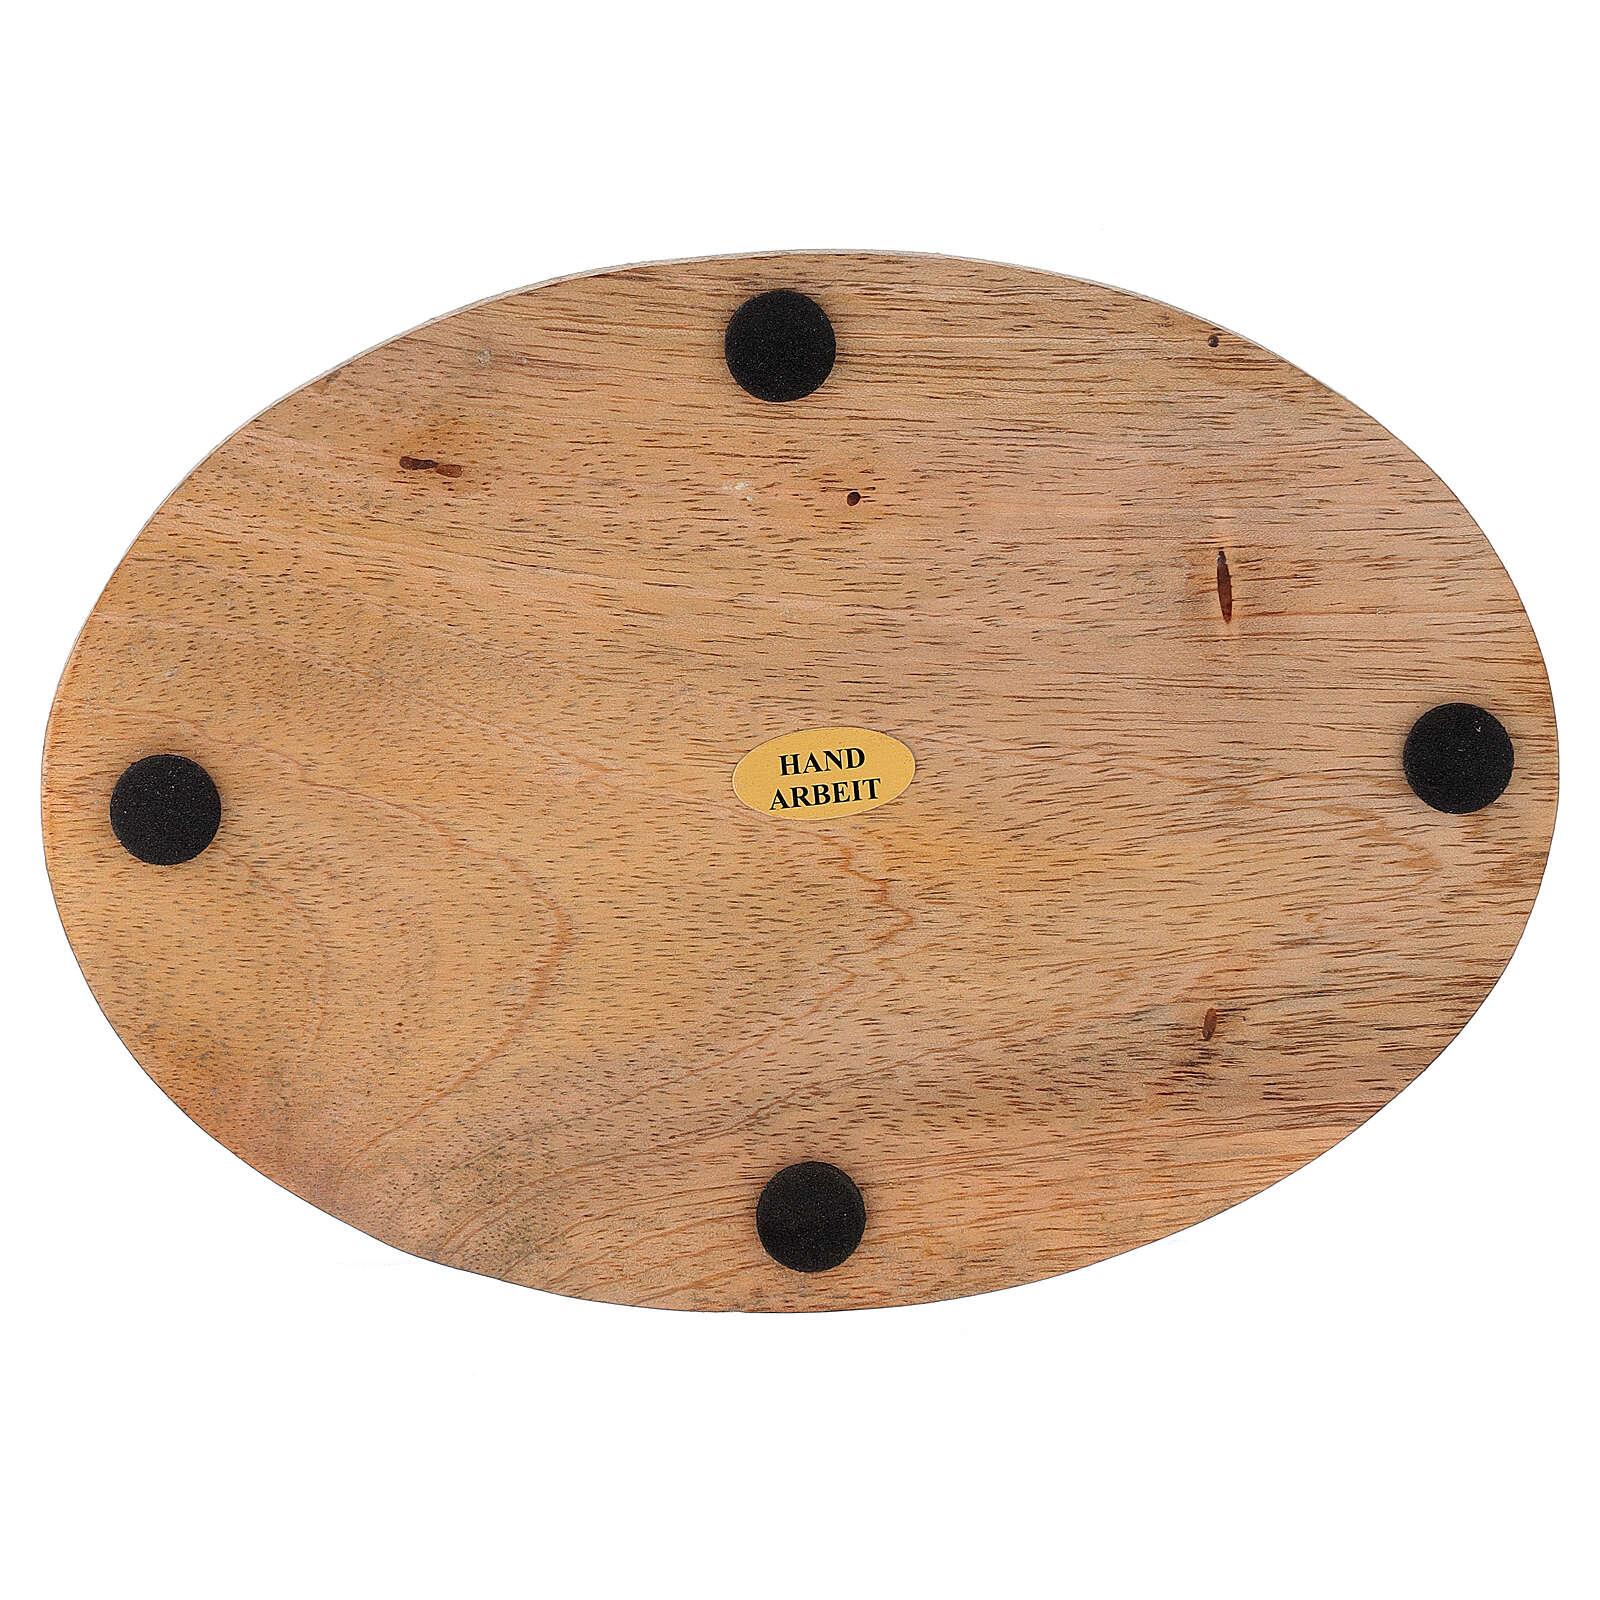 Prato porta-vela oval madeira mangueira natural 17x12 cm 3